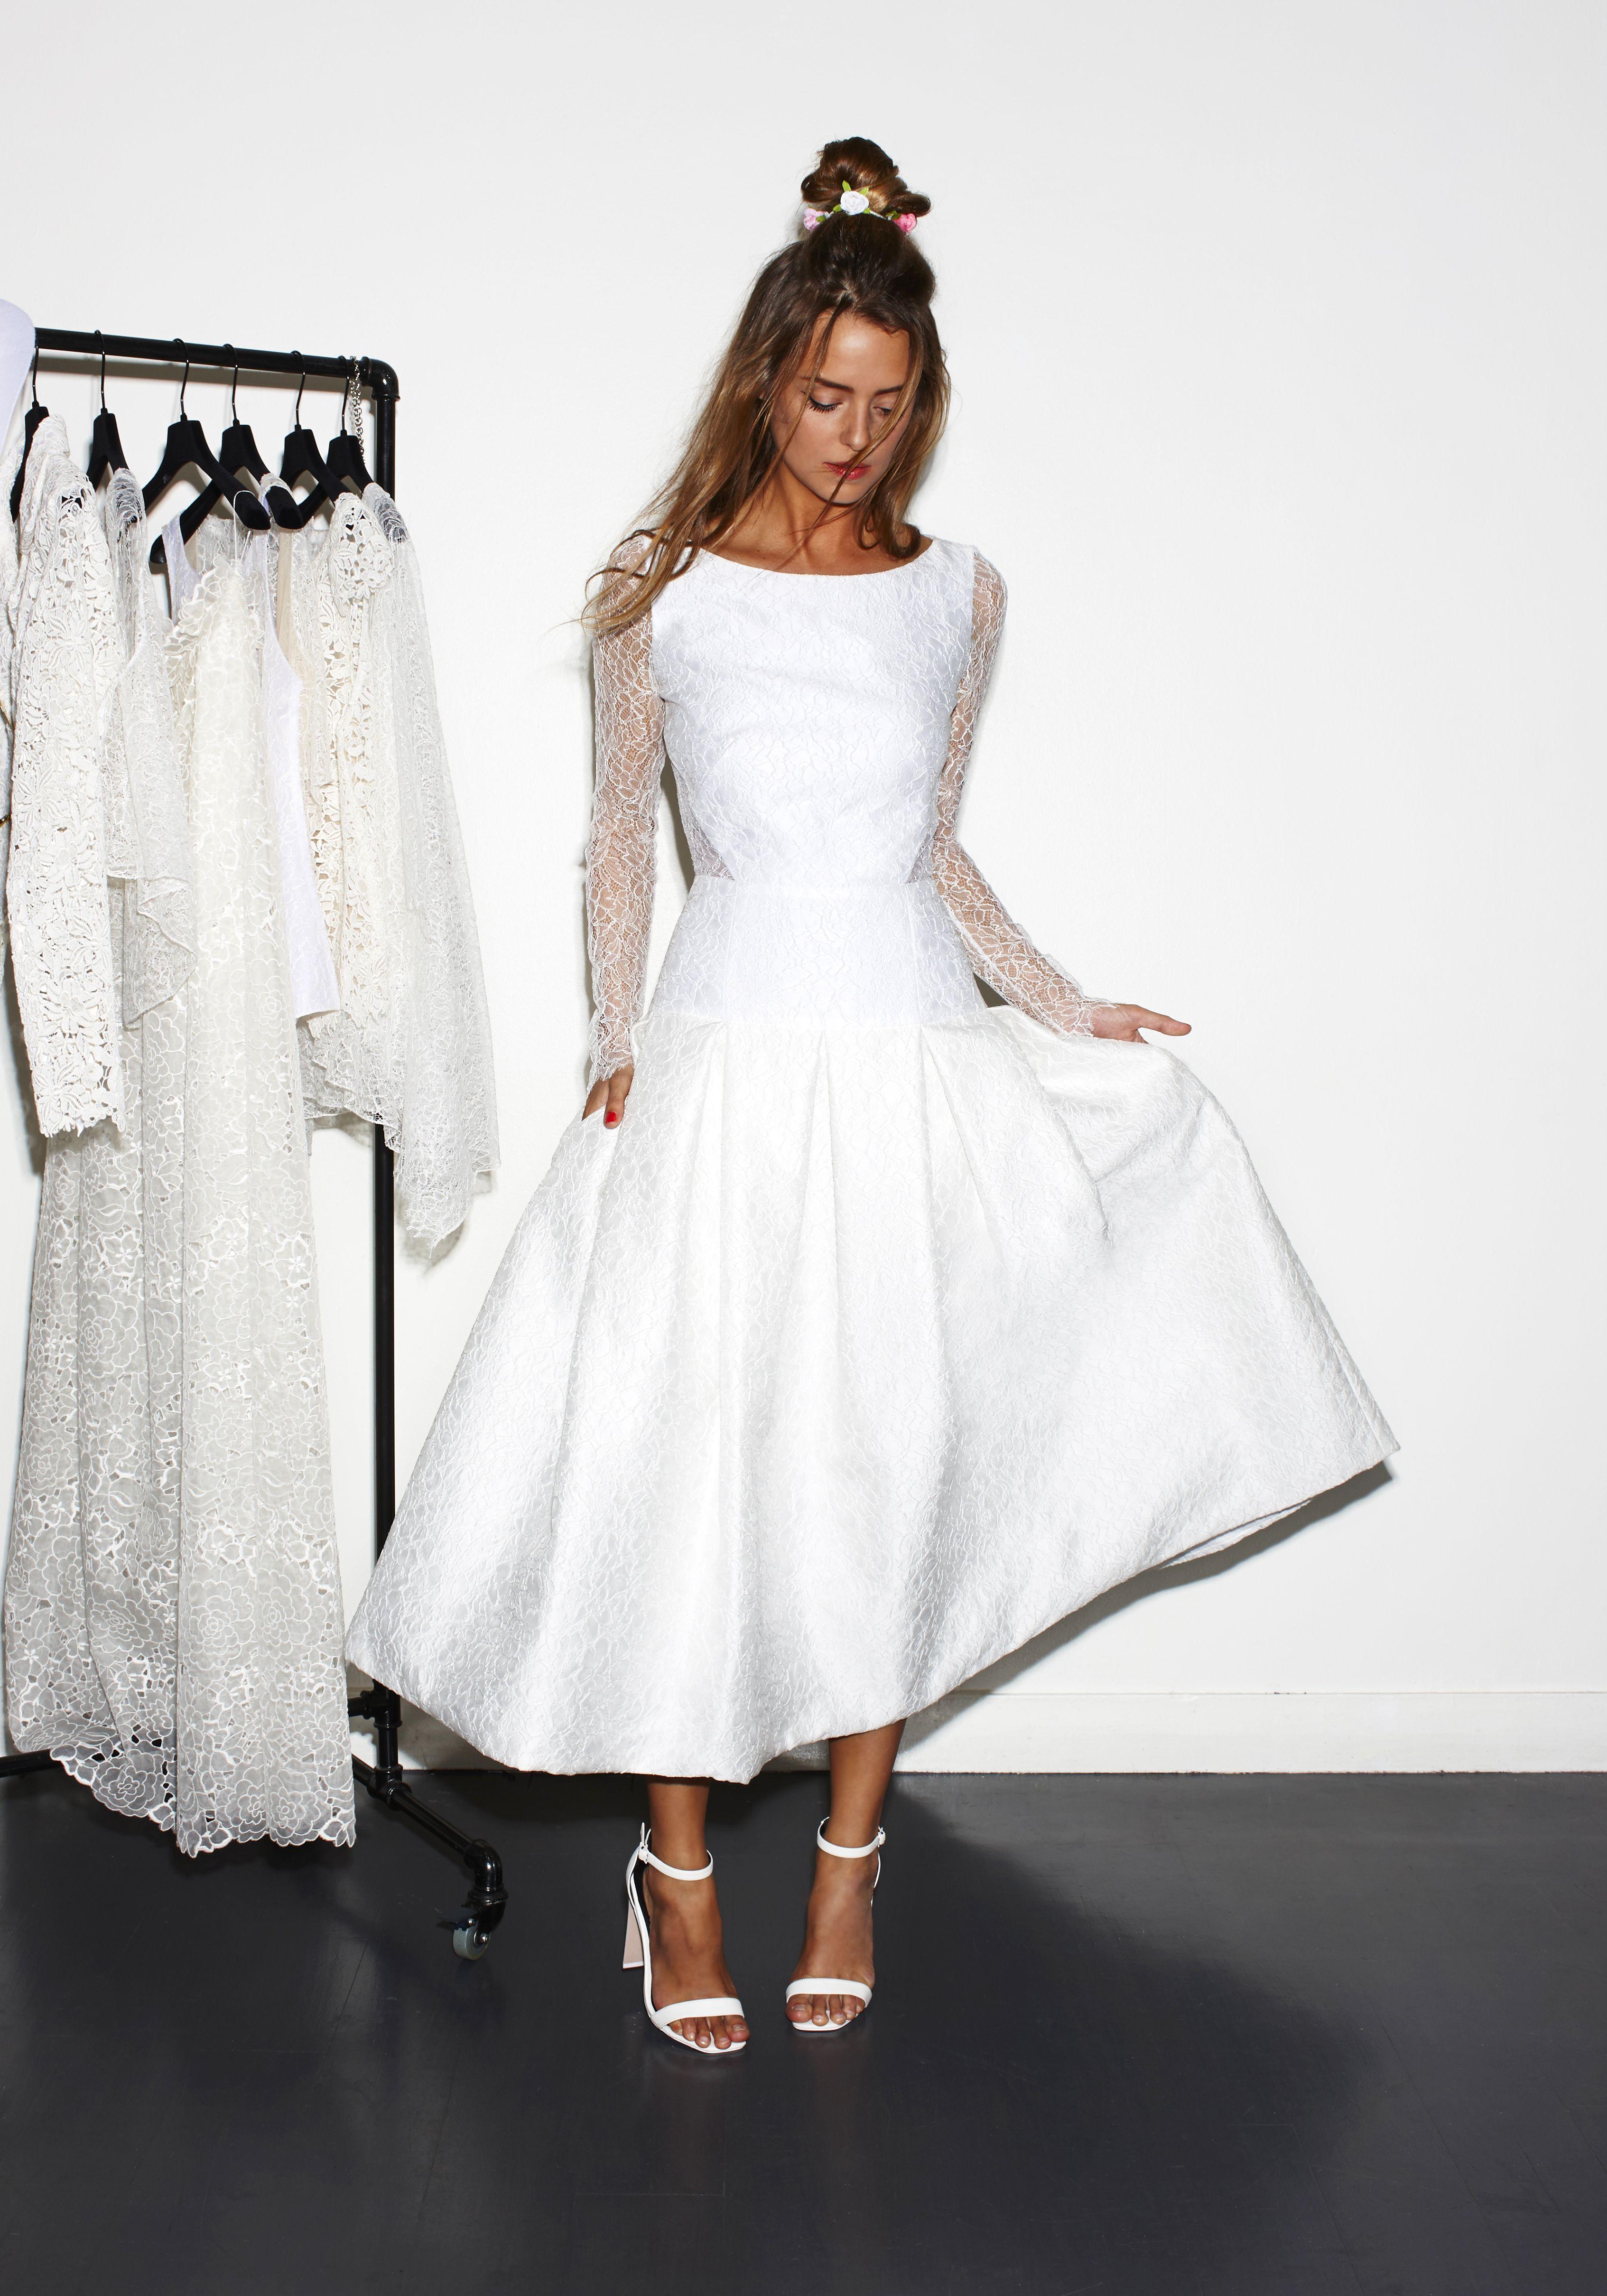 Kurze Brautkleider | Pinterest | Brautkleid kurz, Standesamt und ...